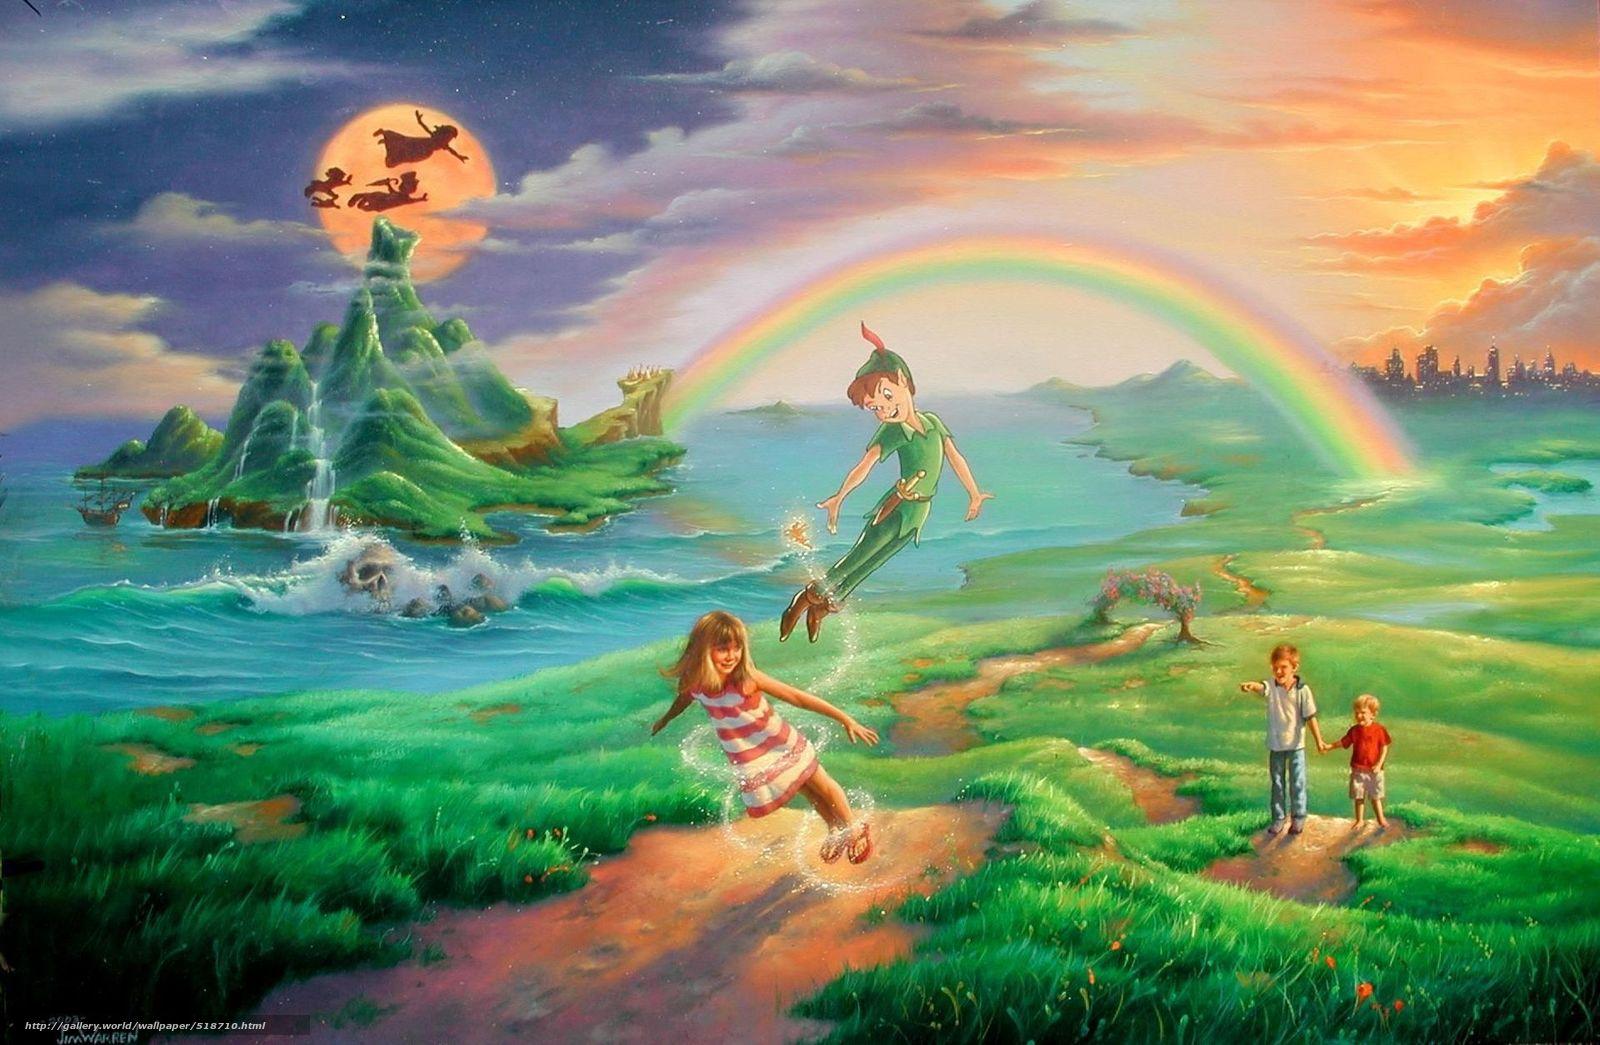 Скачать обои дети,  Питер Пен,  магический реализм,  радуга бесплатно для рабочего стола в разрешении 1920x1254 — картинка №518710